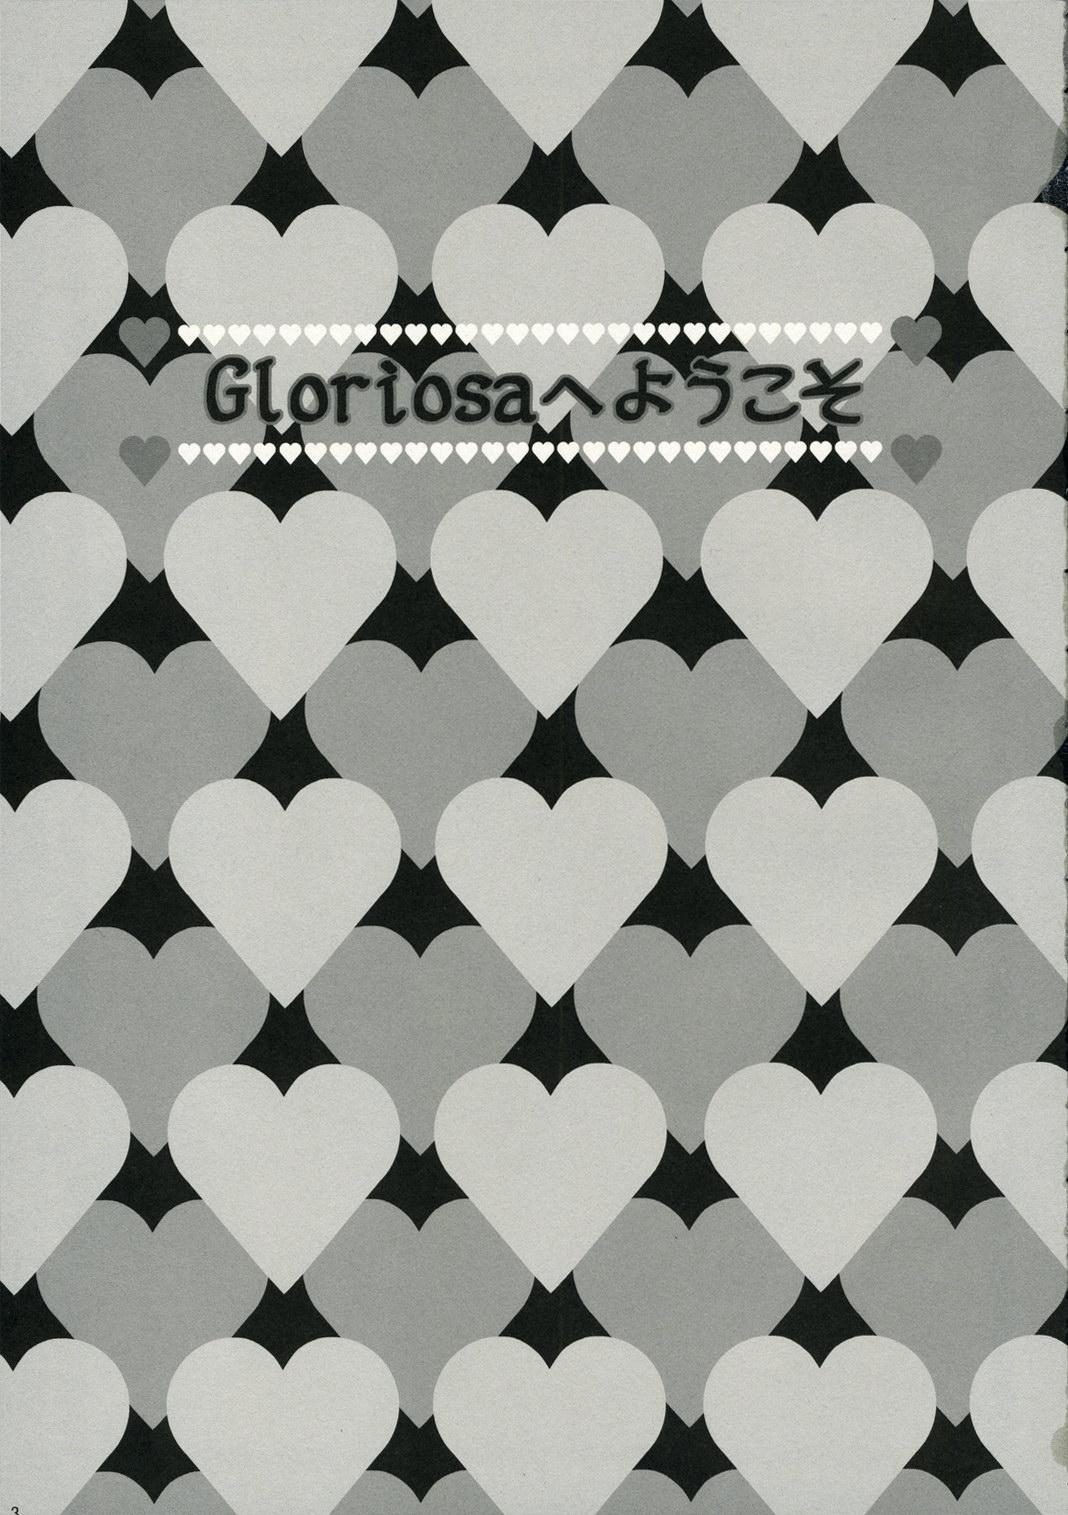 Gloriosa e youkoso 1